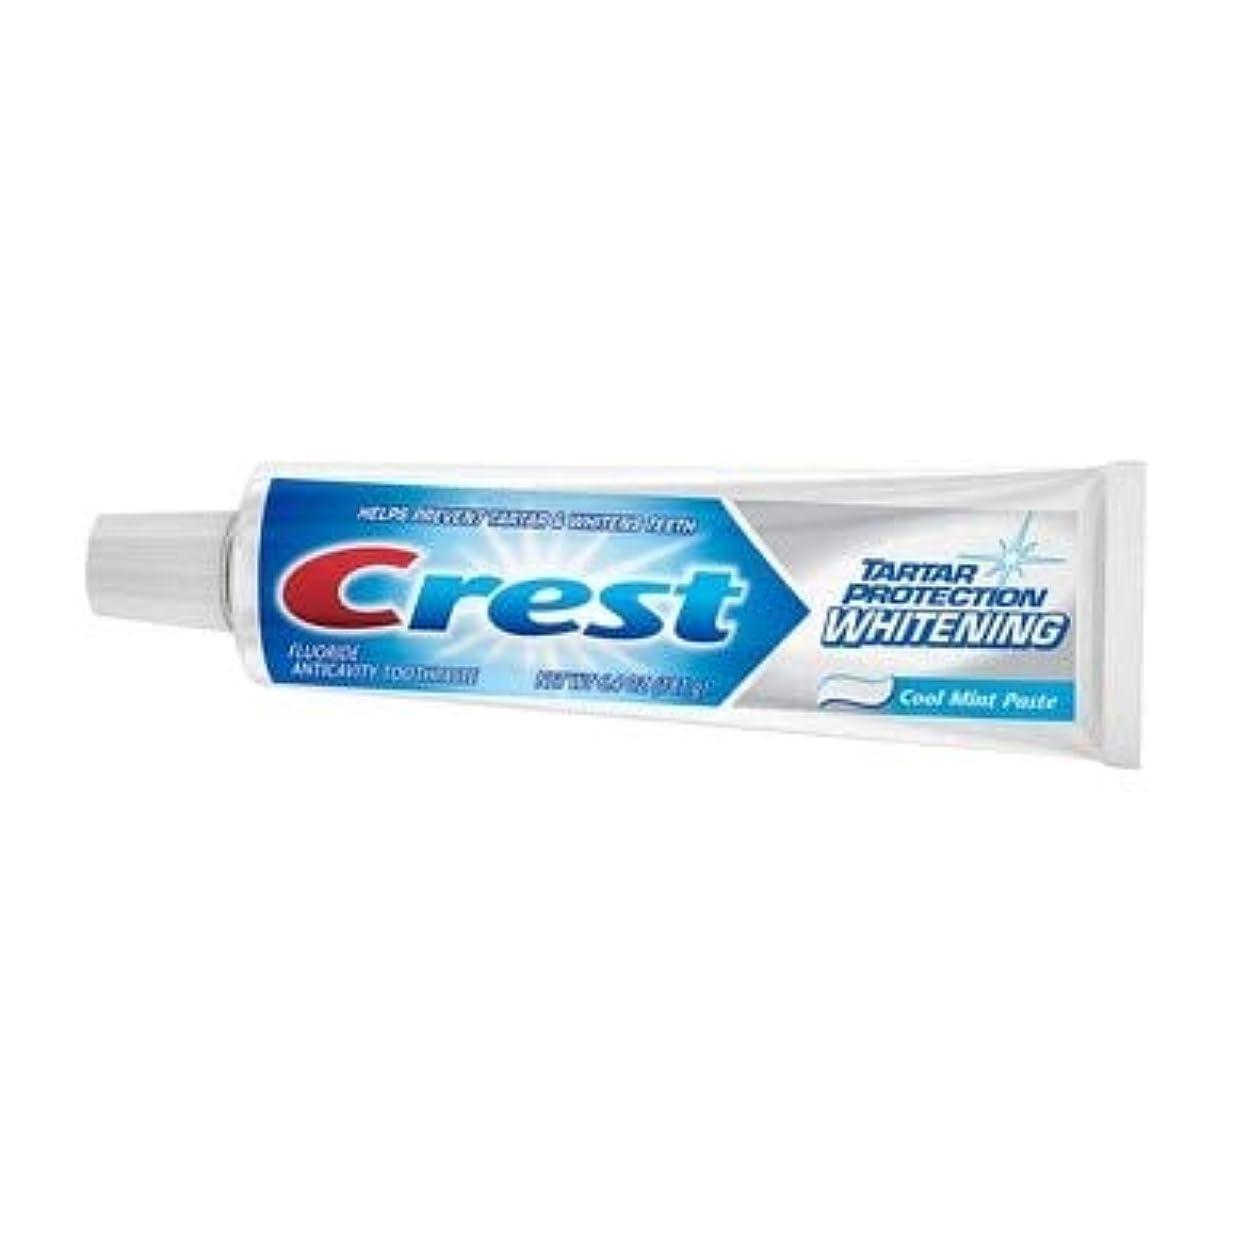 苦しむ船磁器Crest タルタル保護歯磨きホワイトニングクールミント - 6を6.4オズ、パック